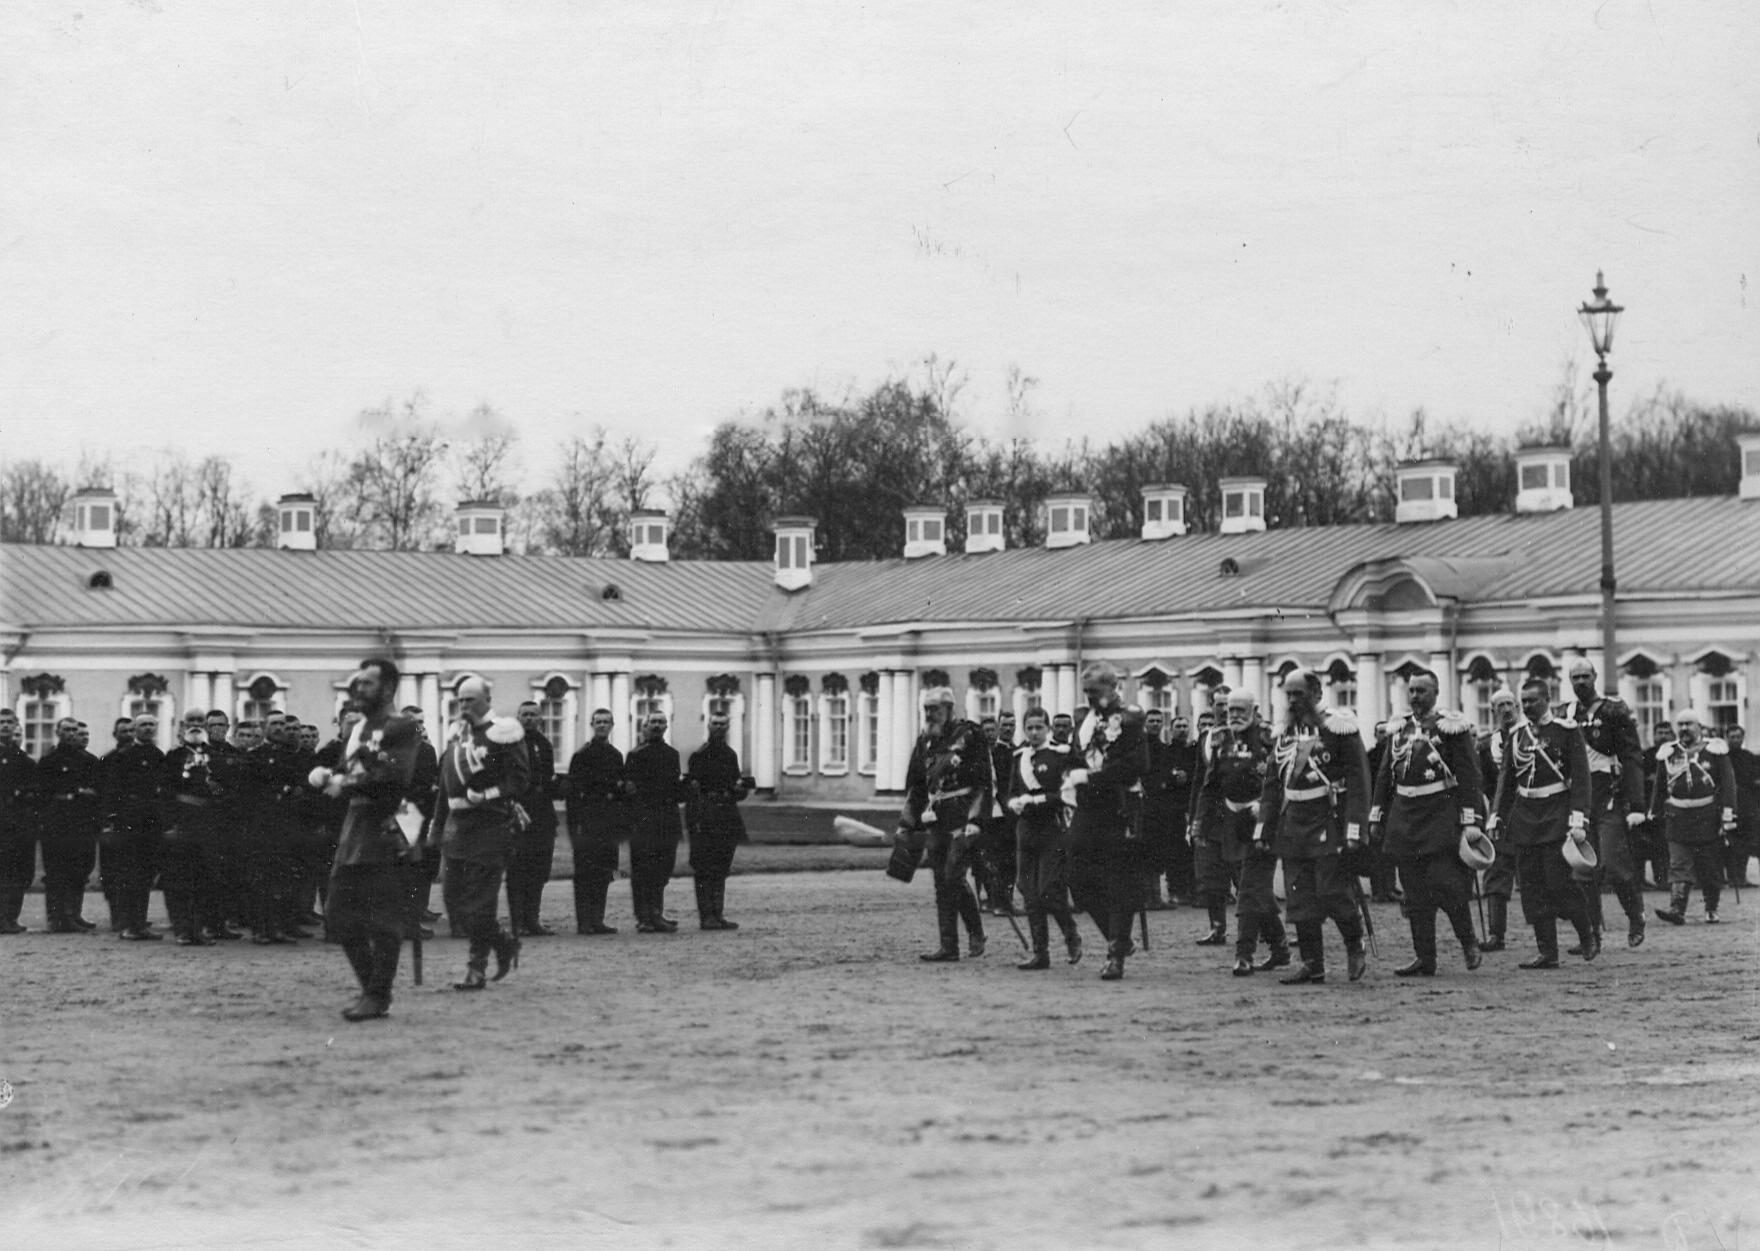 Император Николай II с группой генералов и великих князей перед молебном на  параде 2-го стрелкового Царскосельского батальона. 21 апреля 1905